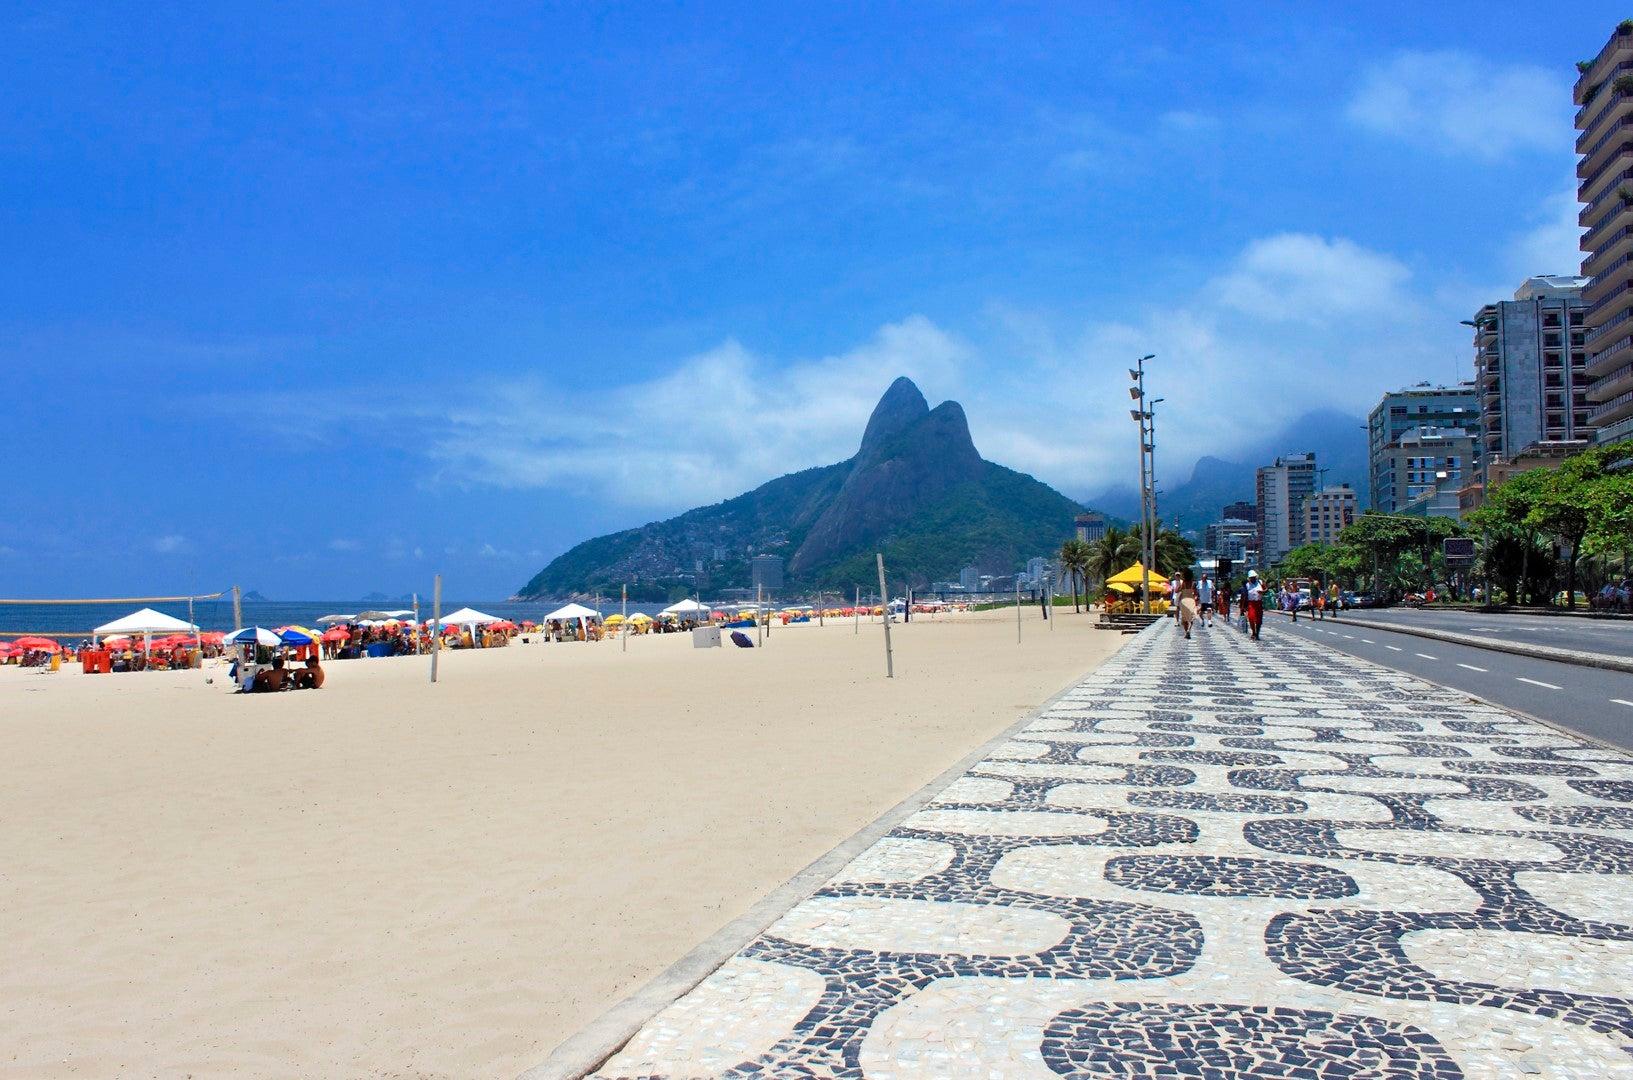 Polémica medida: Prohíben ingreso de niños pobres a playas de Río de Janeiro